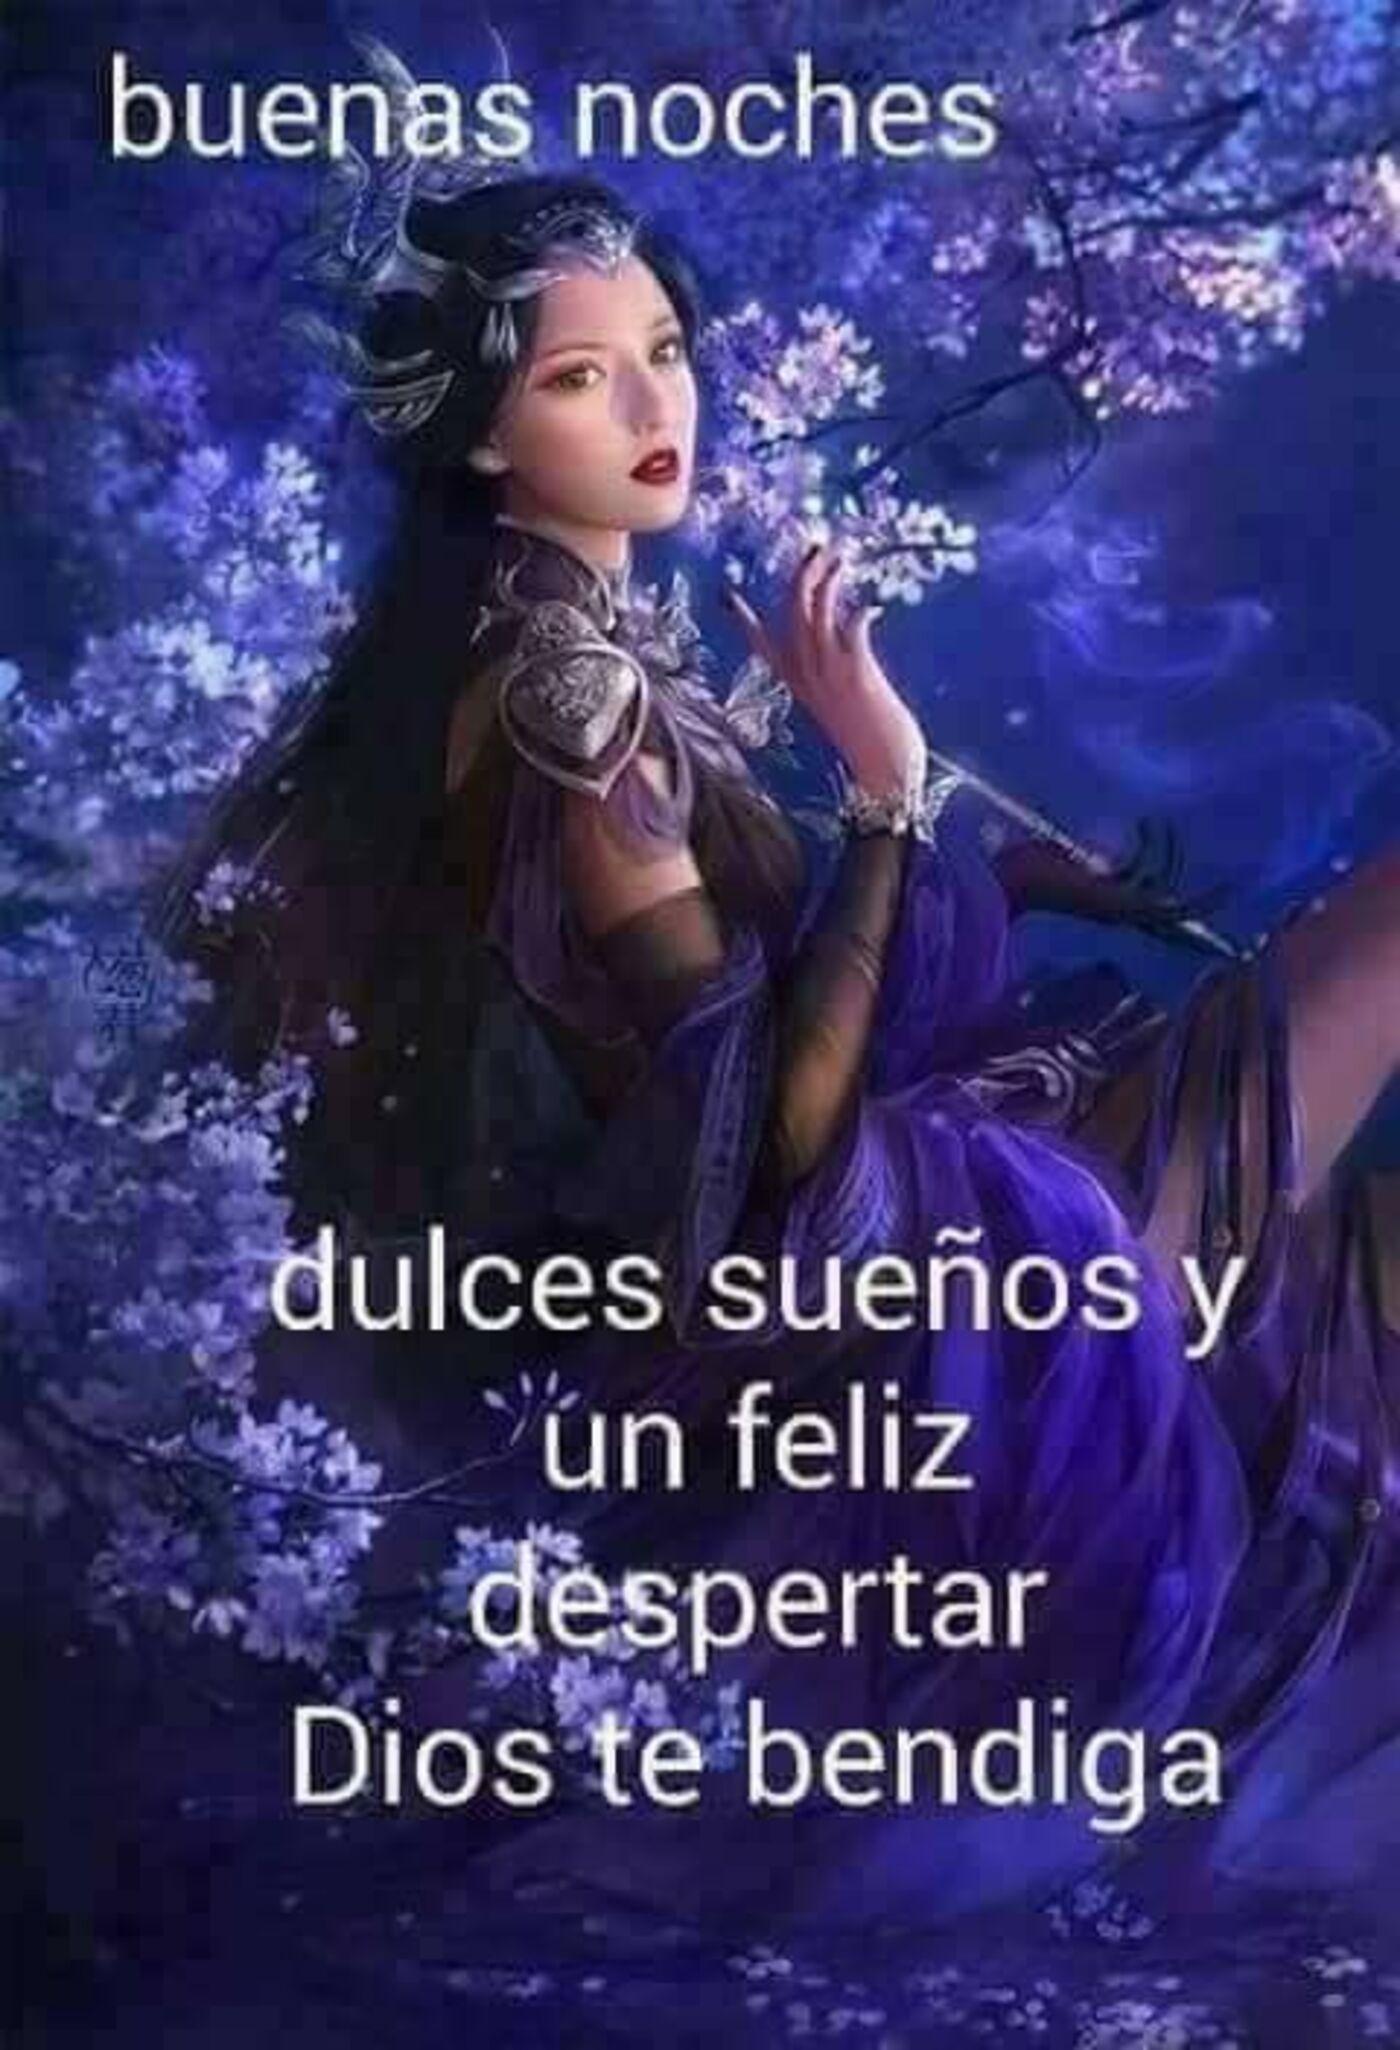 Buenas noches dulces sueños y feliz despertar Dios te bendiga